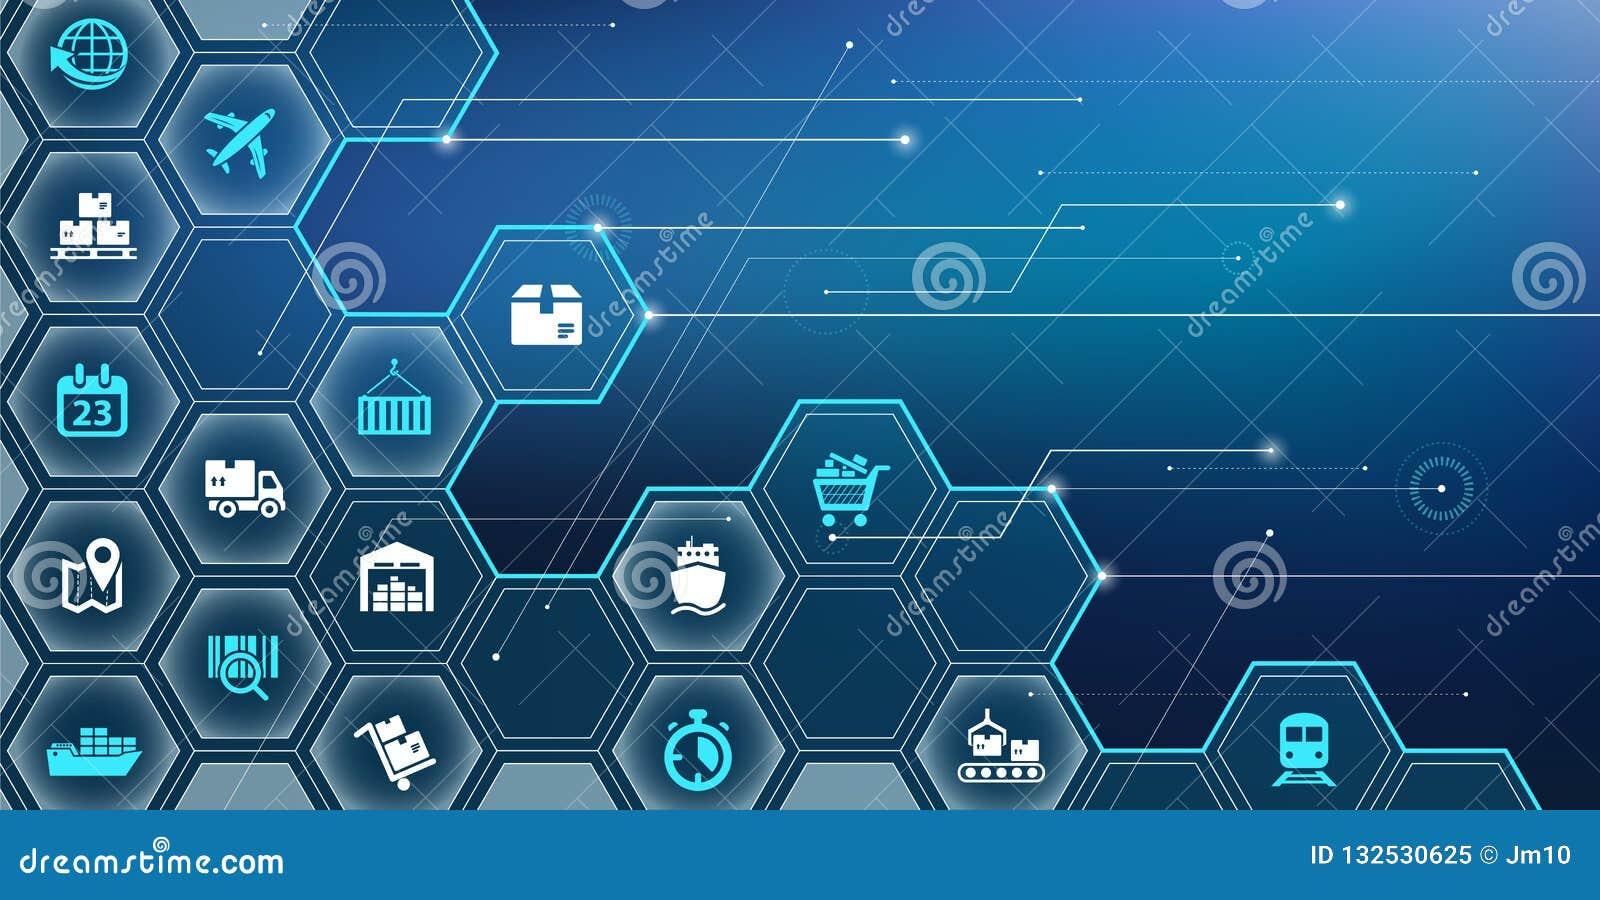 Versorgungskettemanagementkonzept, Beschaffung, lagernd, Transport, Verteilung - Vektorillustration ein